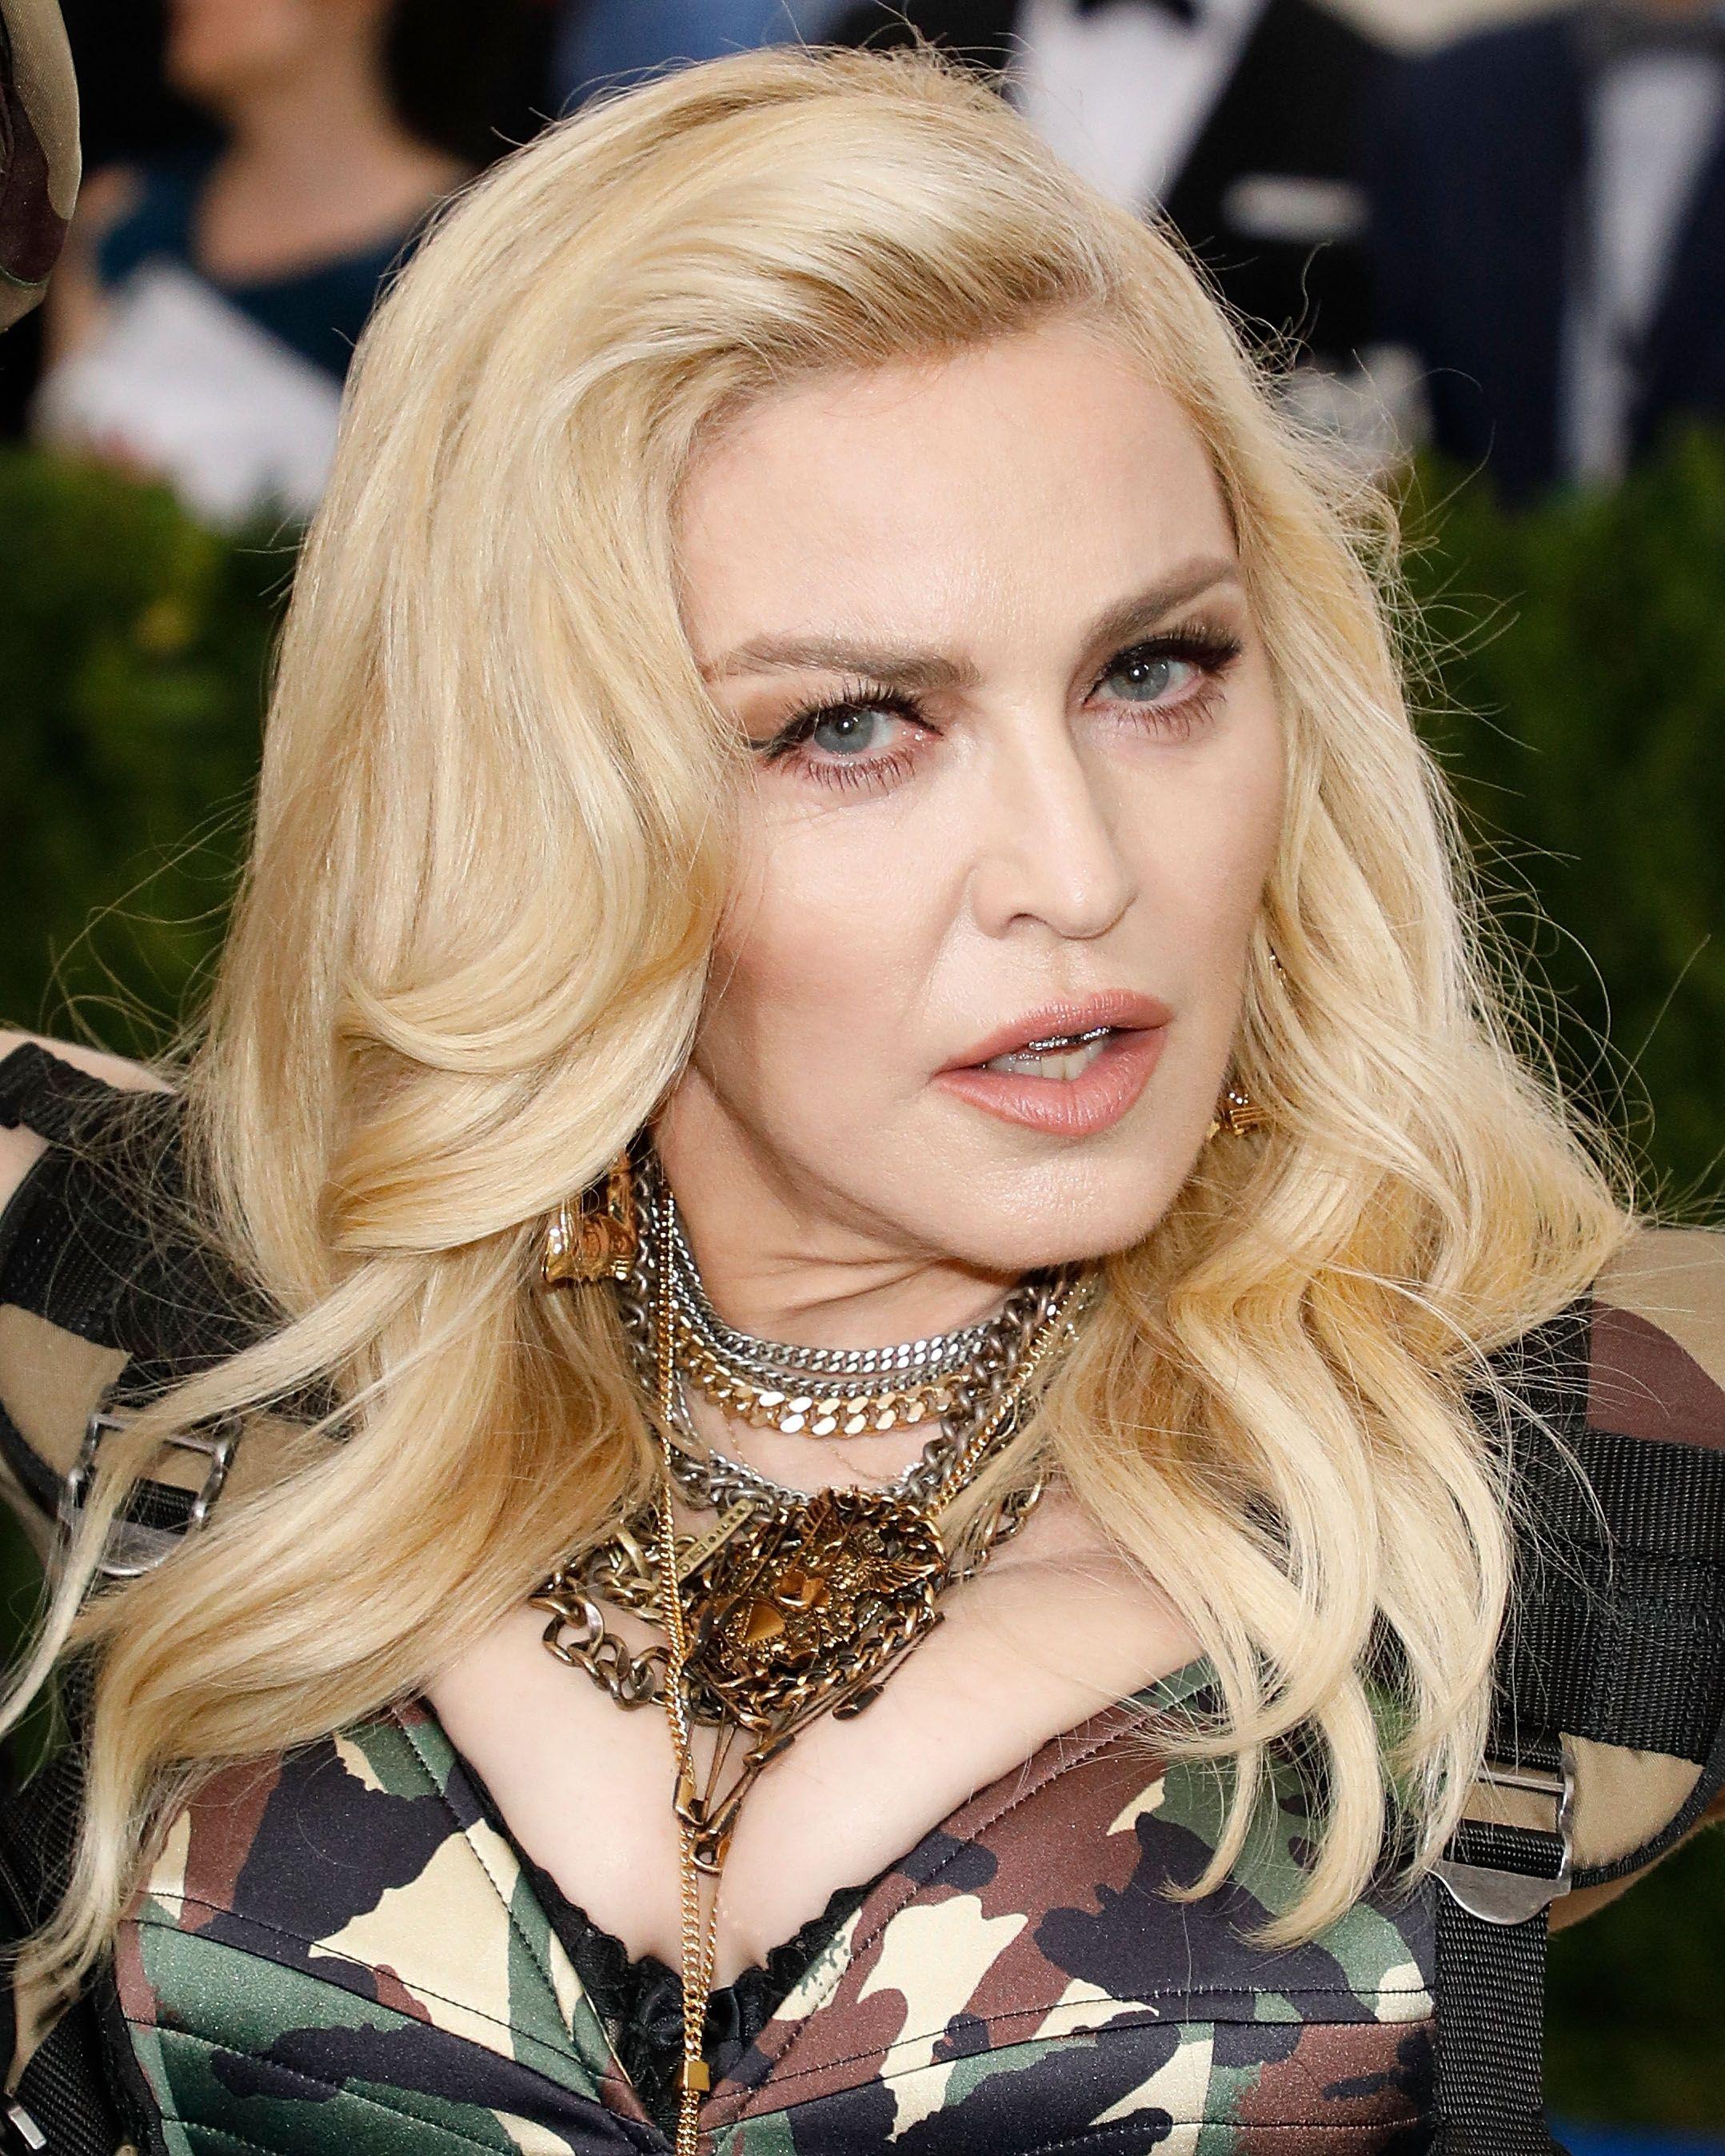 Nude Madonna Icloud, Video Boobs-8403